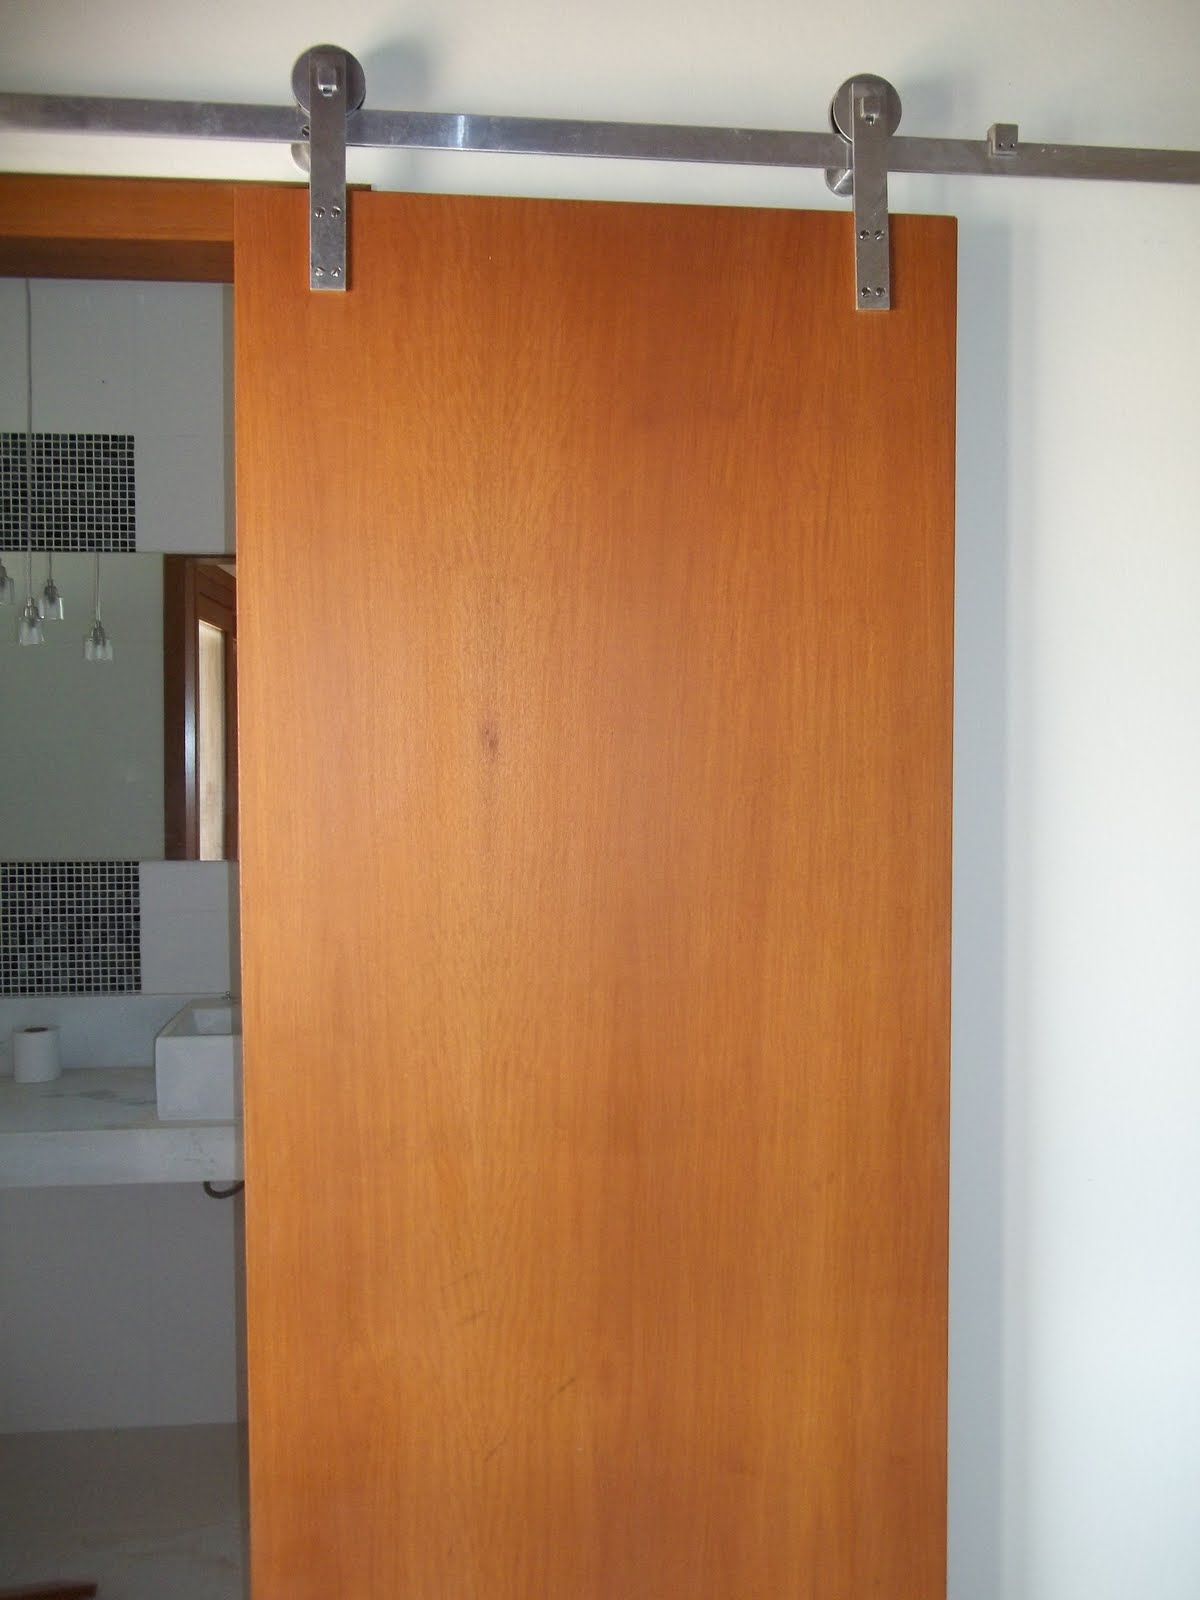 Esquadrias Dom Pedro: Porta de banheiro da suite #8D4A23 1200 1600